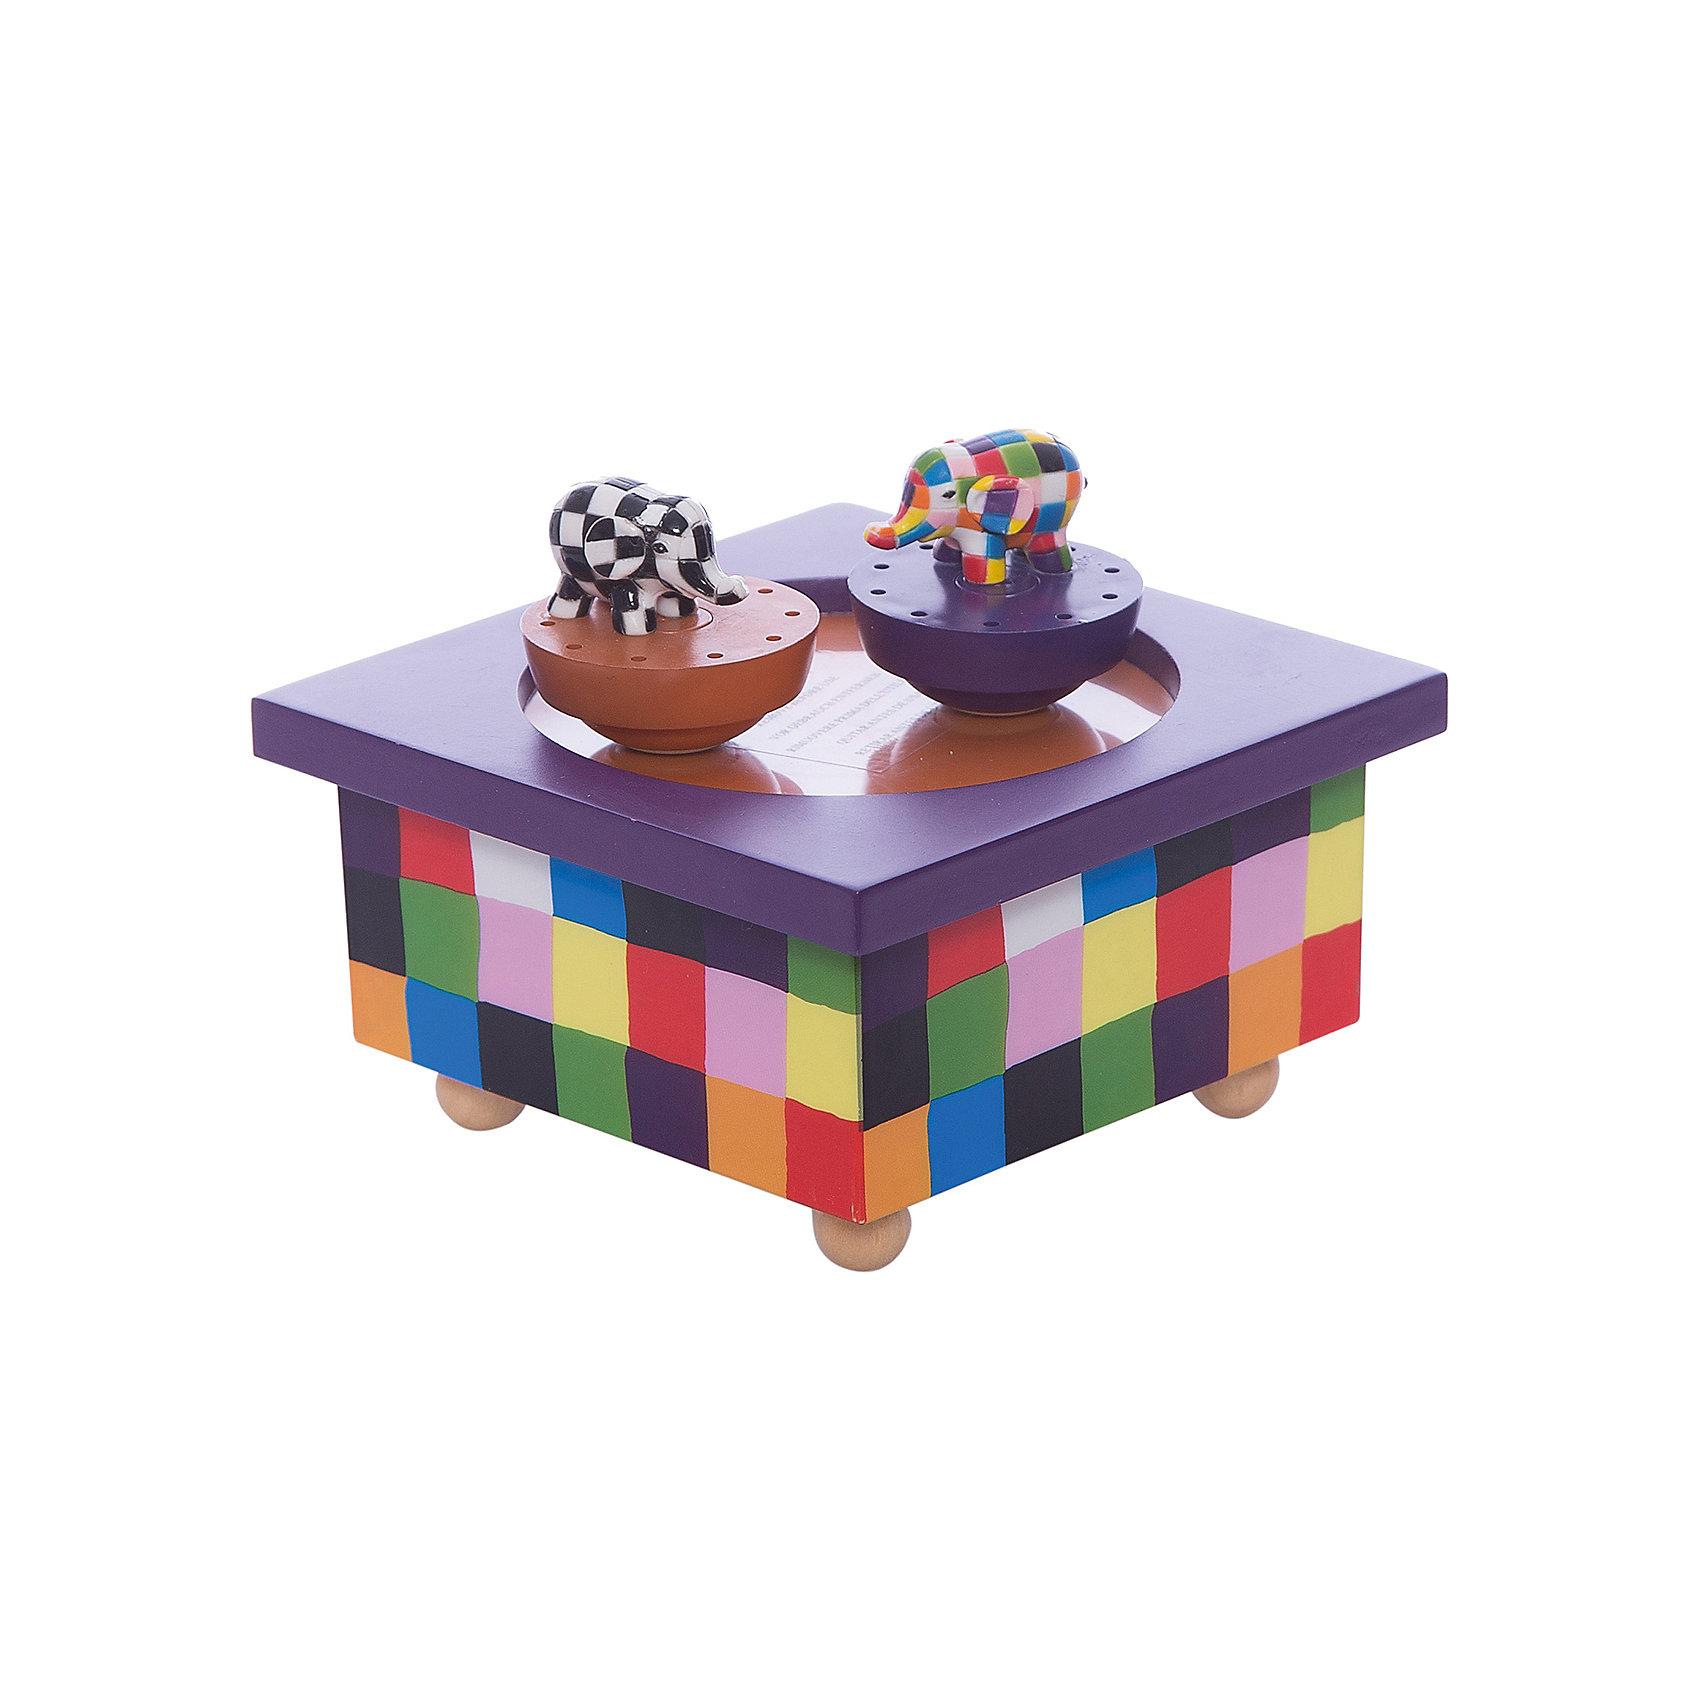 Музыкальная шкатулка Elmer©, TrousselierМузыкальная шкатулка Elmer©, Trousselier<br><br>ВНИМАНИЕ! Шкатулка предназначена для декора комнаты, она не открывается и хранить в ней разные мелочи и бижутерию невозможно.<br><br>Музыкальная шкатулка - это мечта множества девчонок. Подарите девочке настоящую музыкальную шкатулку с заводным механизмом от французской компании Trousselier. Шкатулка проигрывает приятную мелодию, заводится с помощью ключика.<br>Она выглядит очень красиво - на ней симпатичные фигурки, которые кружатся при проигрывании мелодии. Шкатулка упакована в подарочную коробку производителя. Изделие произведено из высококачественных материалов, и соответствует европейским стандартам безопасности.<br><br>Дополнительная информация:<br><br>цвет: разноцветный;<br>материал: дерево;<br>подарочная упаковка;<br>заводной механизм;<br>размер: 11 х 11 х 7 см.<br><br>Музыкальную шкатулку Elmer© от французской компании Trousselier можно купить в нашем магазине.<br><br>Ширина мм: 114<br>Глубина мм: 114<br>Высота мм: 70<br>Вес г: 380<br>Возраст от месяцев: 12<br>Возраст до месяцев: 216<br>Пол: Унисекс<br>Возраст: Детский<br>SKU: 4961875